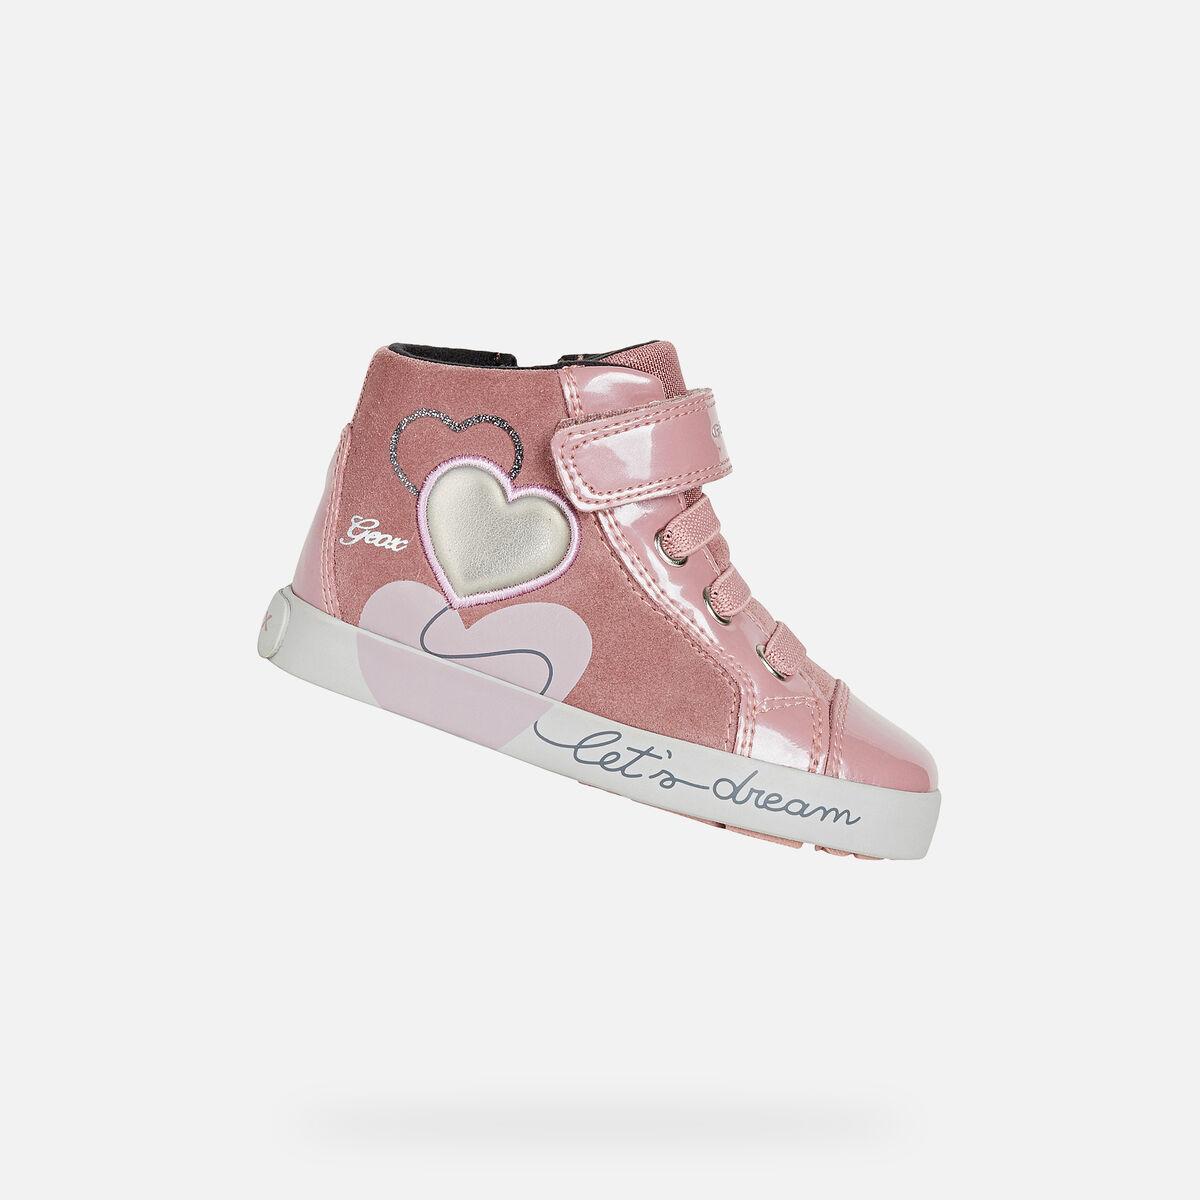 GEOX dětské boty pro první krůčky KILWI - B16D5B - 8025